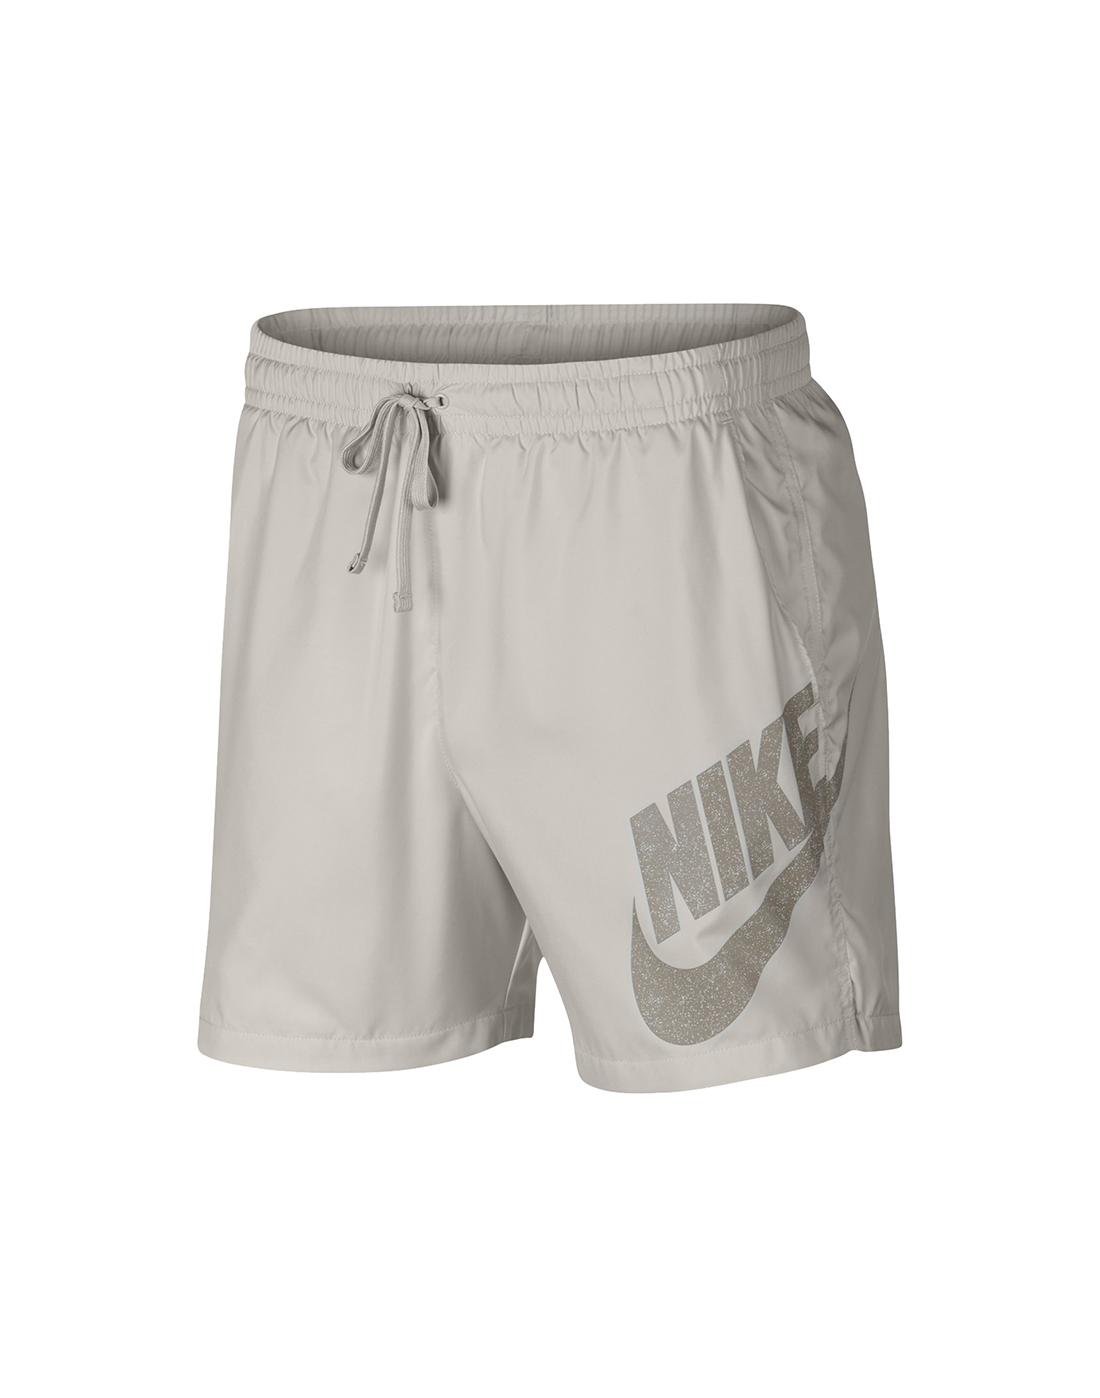 22c1d0d14f4d2 Men's NIke Woven Flow Shorts | Beige | Life Style Sports